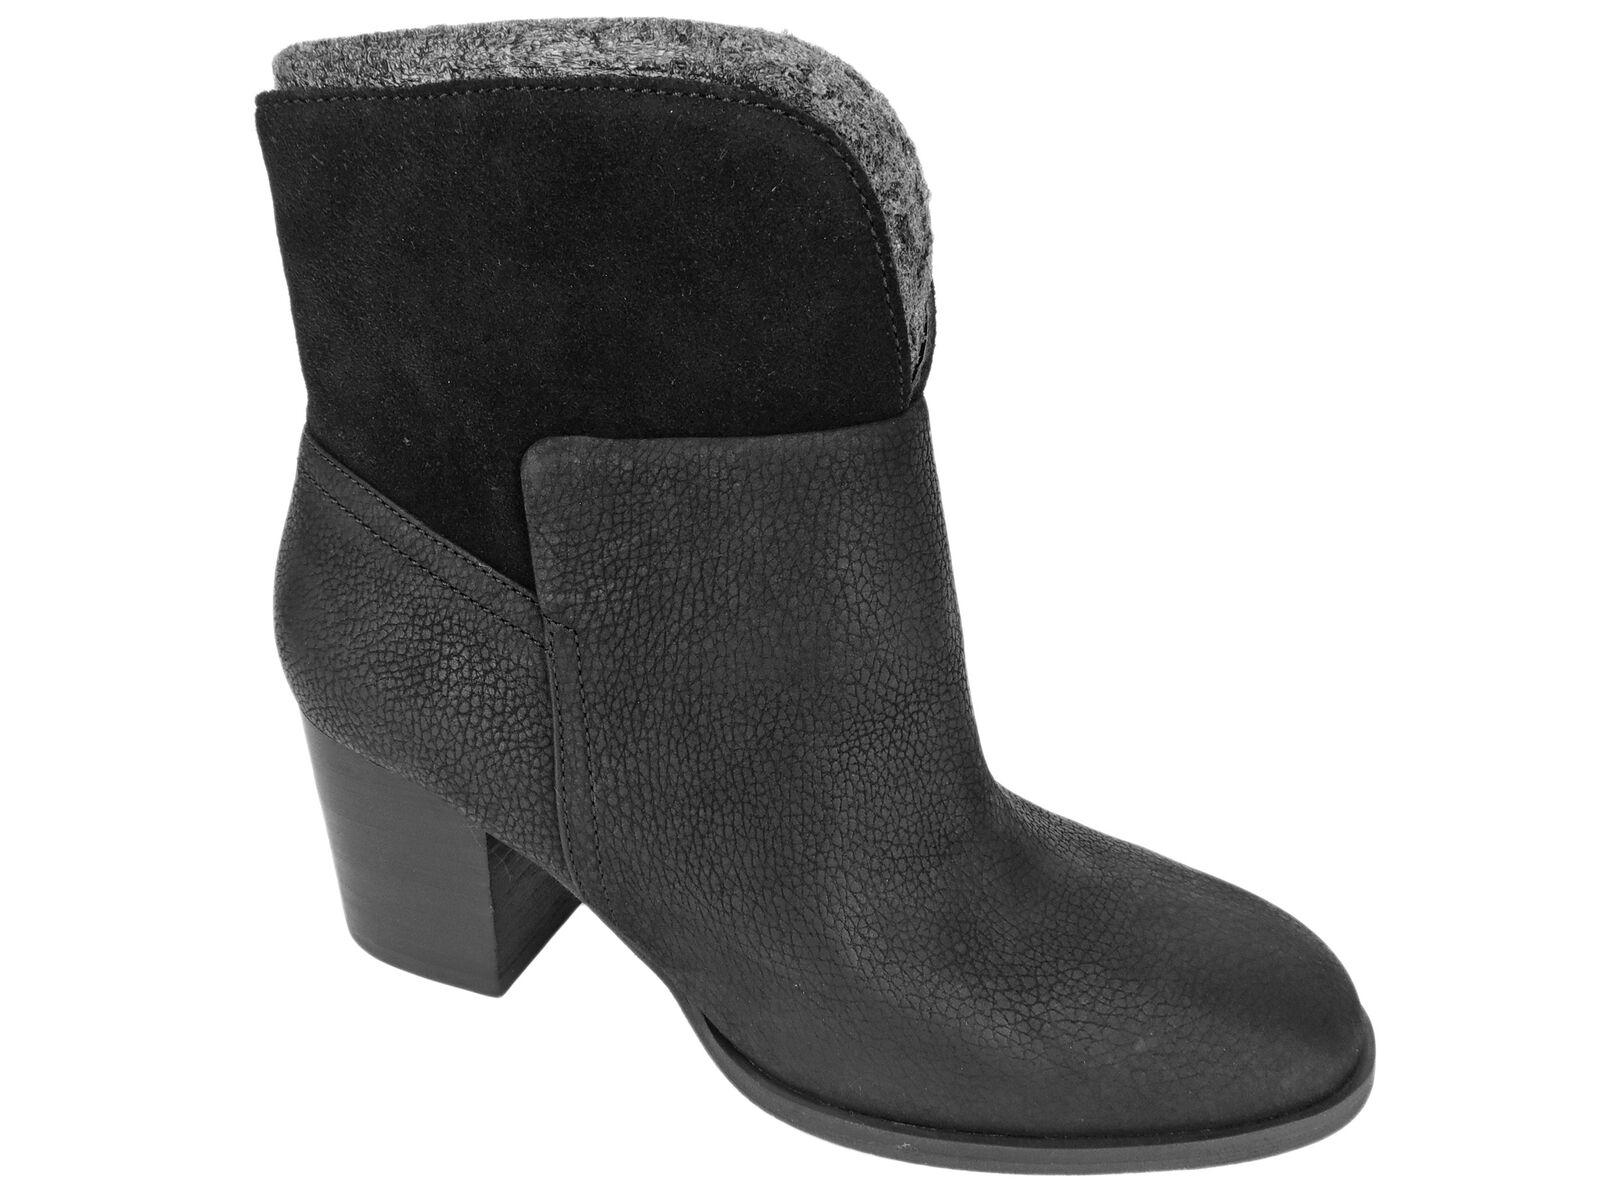 Nine West Para Mujer Mujer Mujer Dale Bloque Tacón Botines Negro Tobillo botas Talla 8 M  precios mas bajos